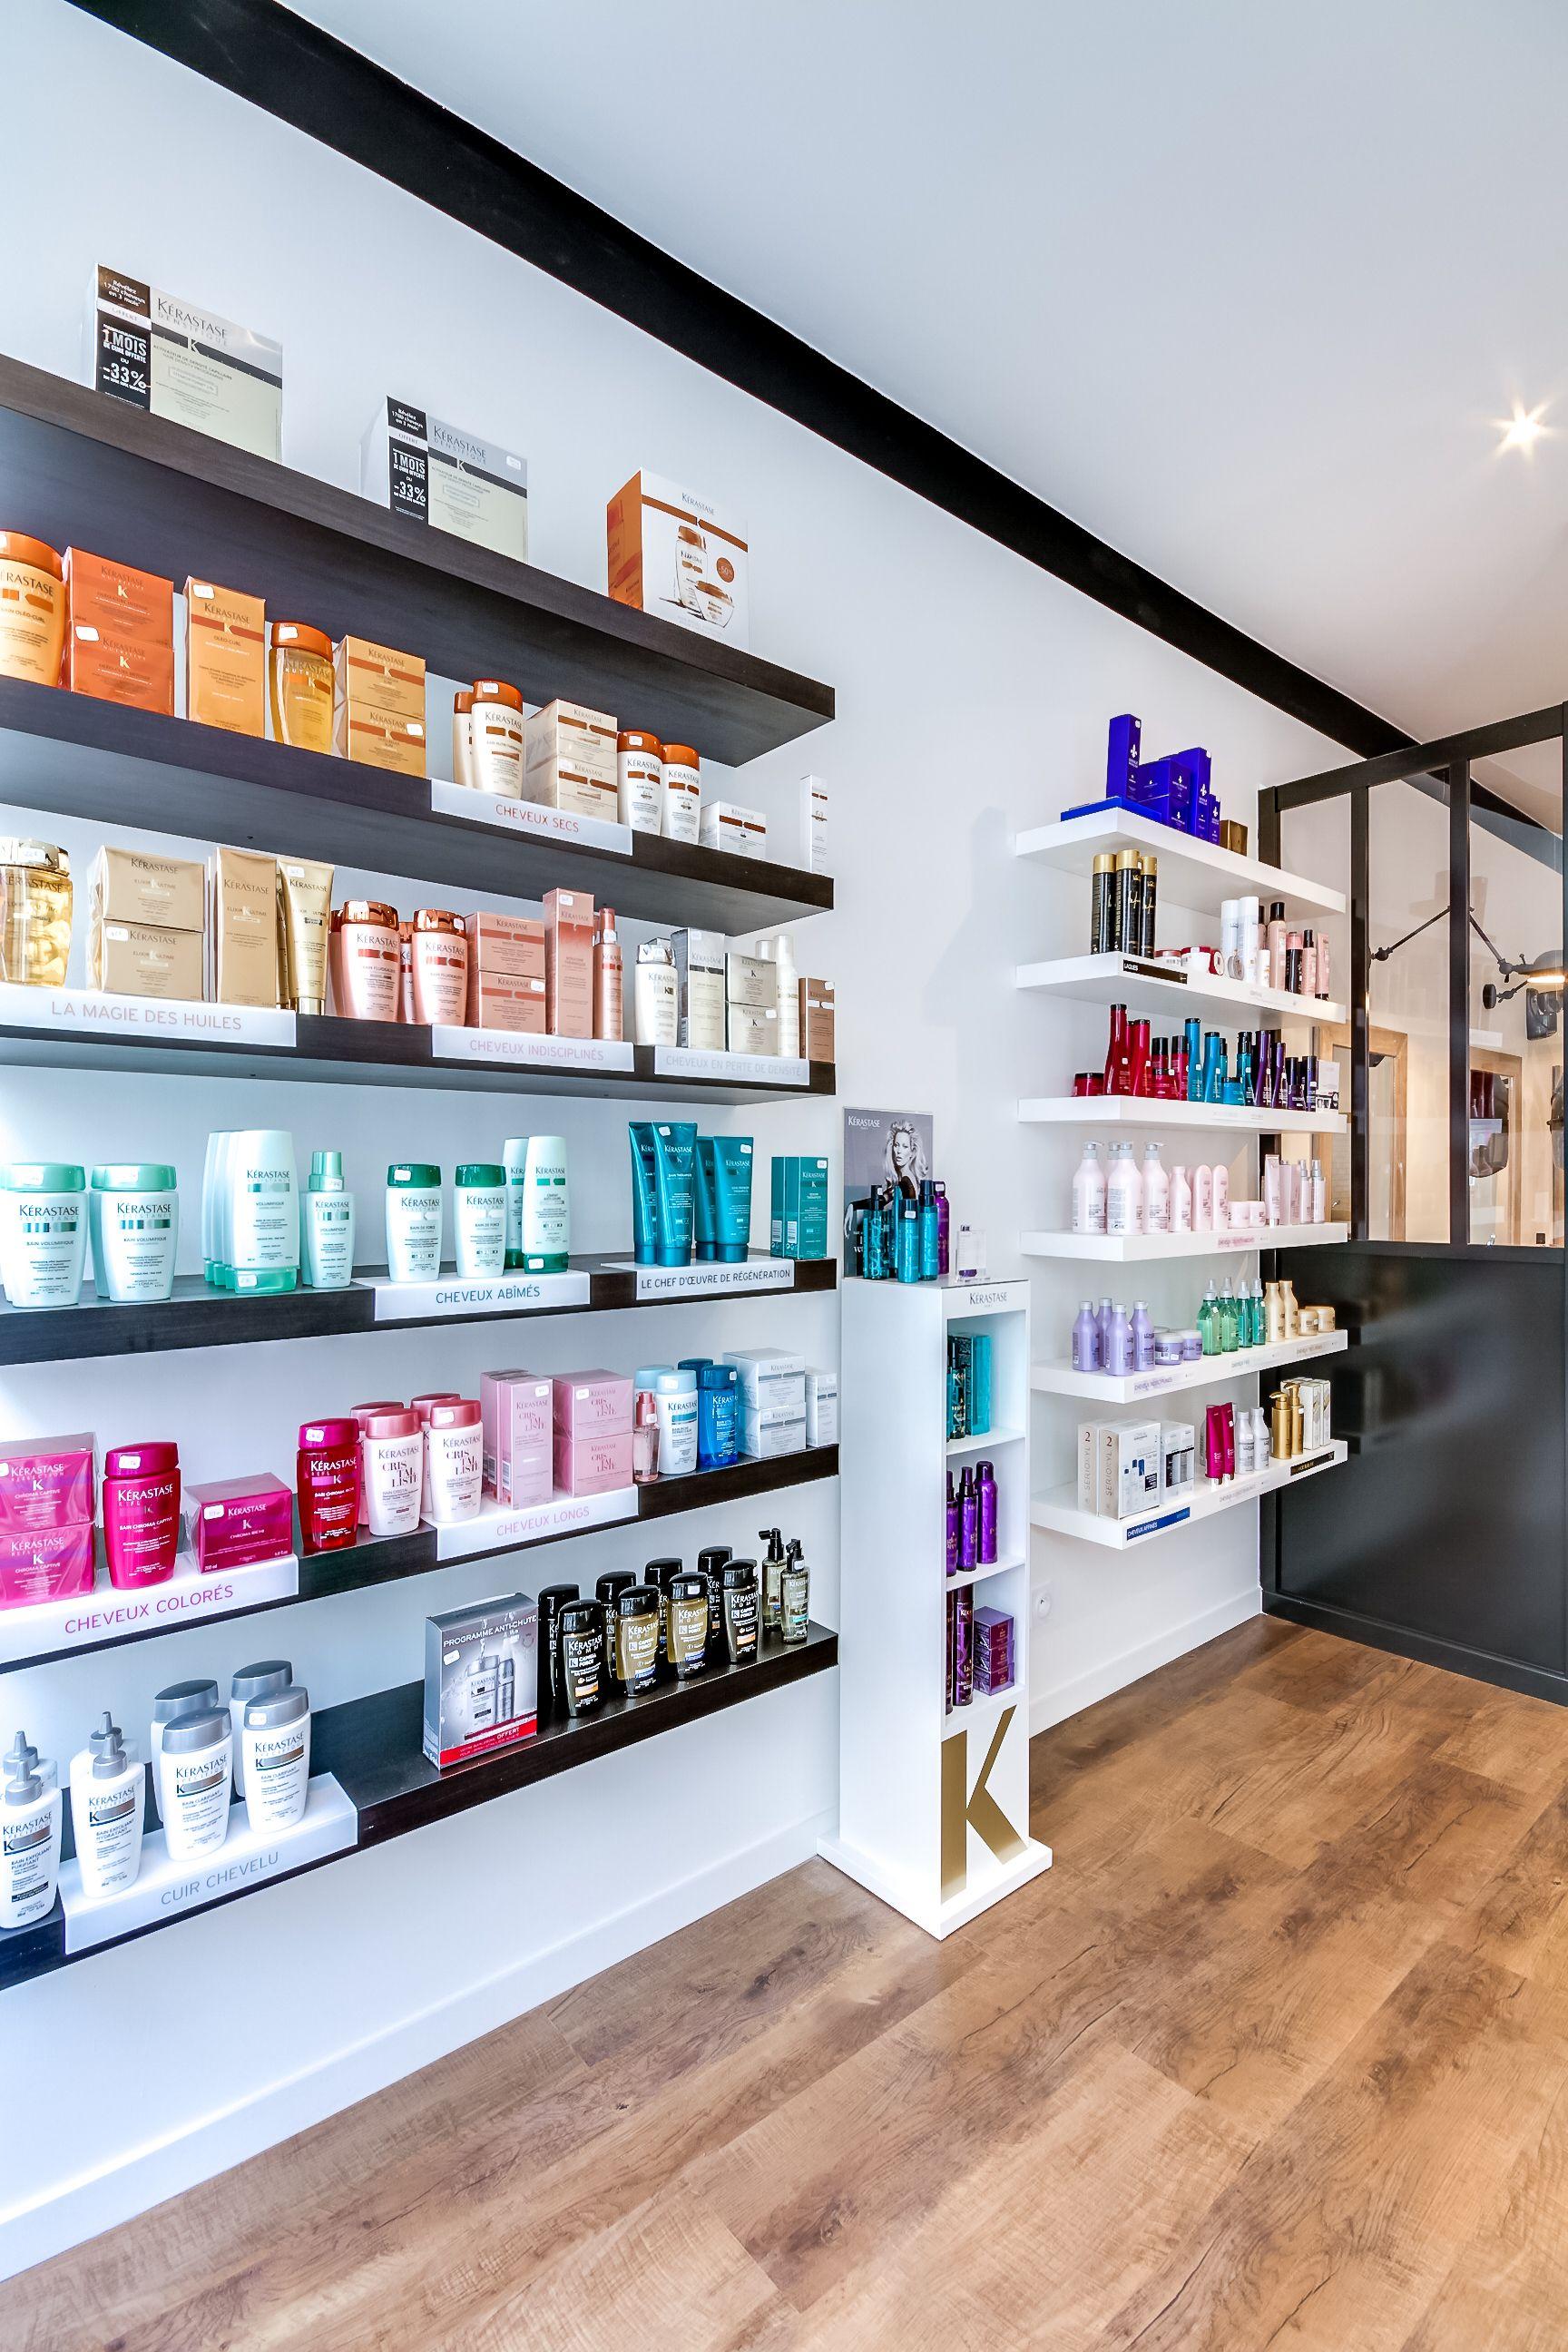 Renovation Totale D Un Salon De Coiffure Paris Espace Retail Agence Deco At Ome Deco Photos C Meer Beauty Salon Decor Salon Retail Display Hair Salon Design